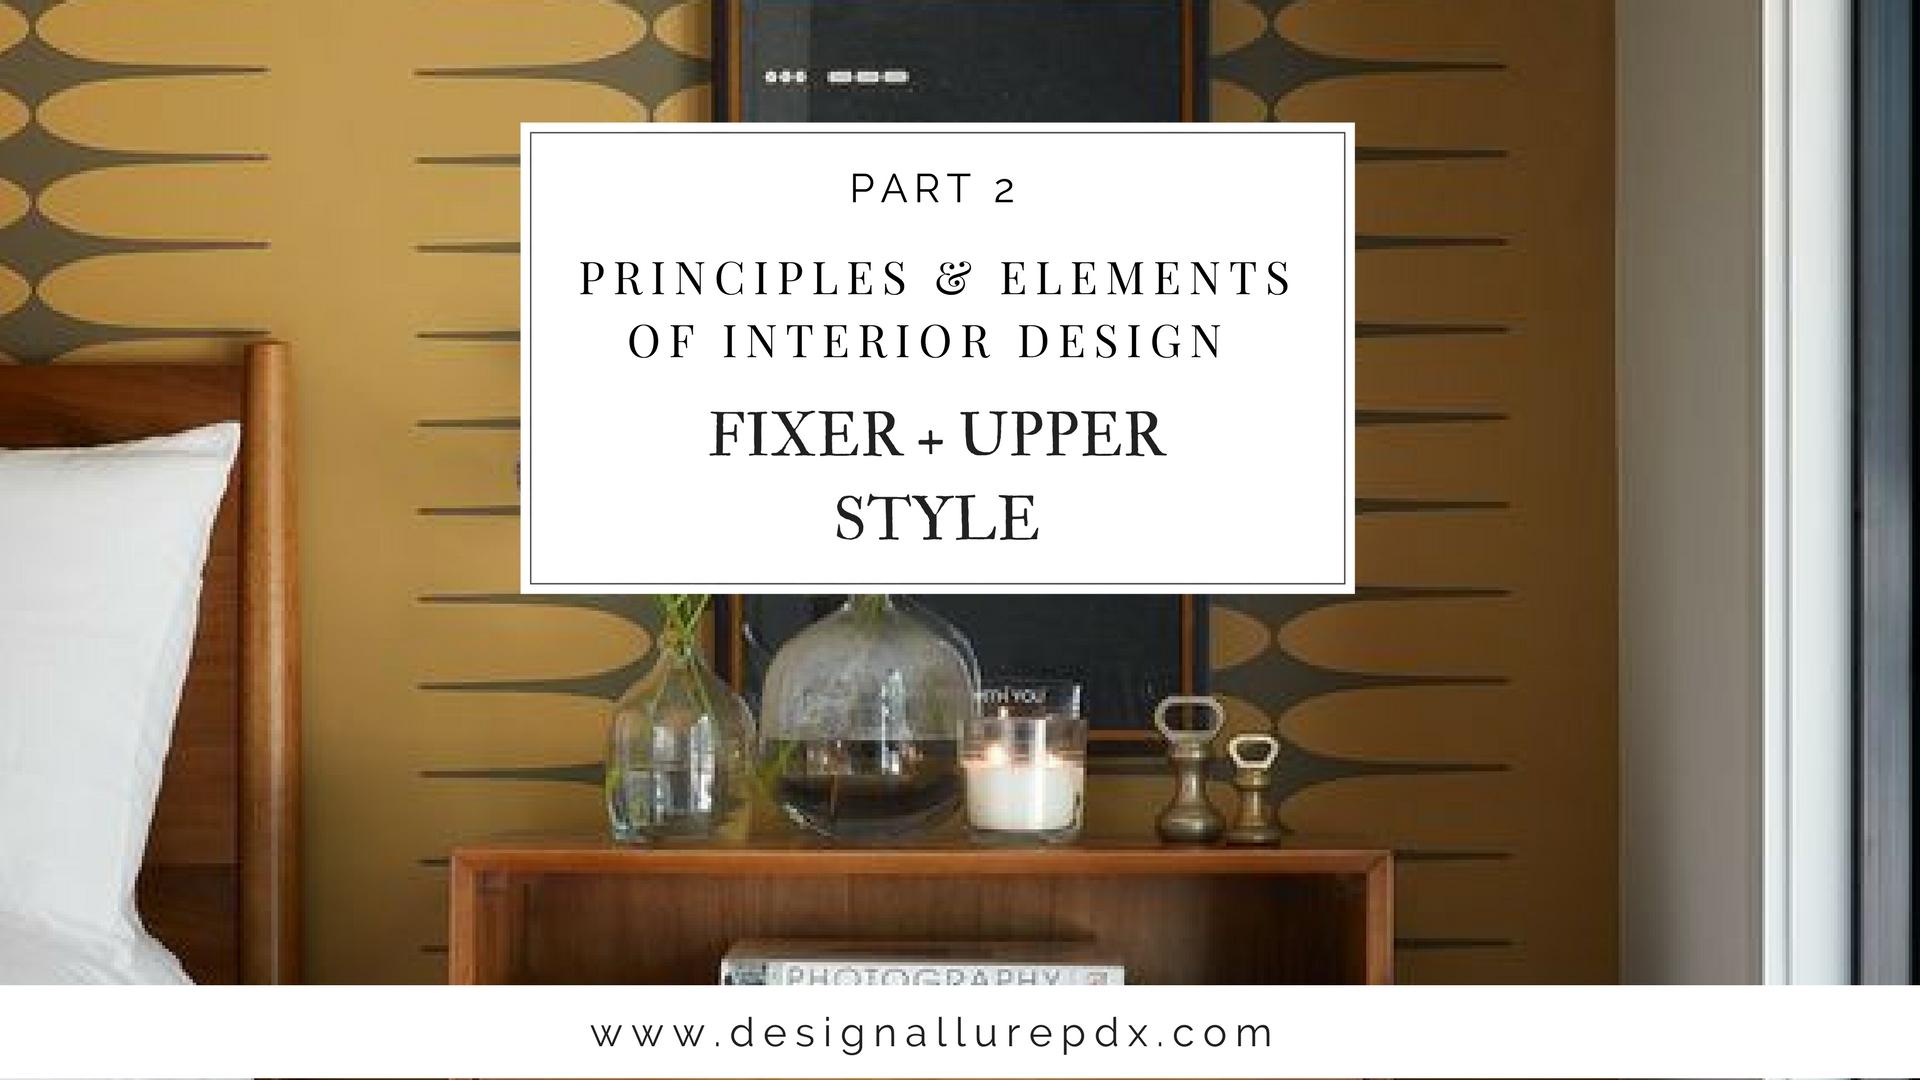 Principles & Elements Of Interior Design Pt 1 l Residential Interior ...